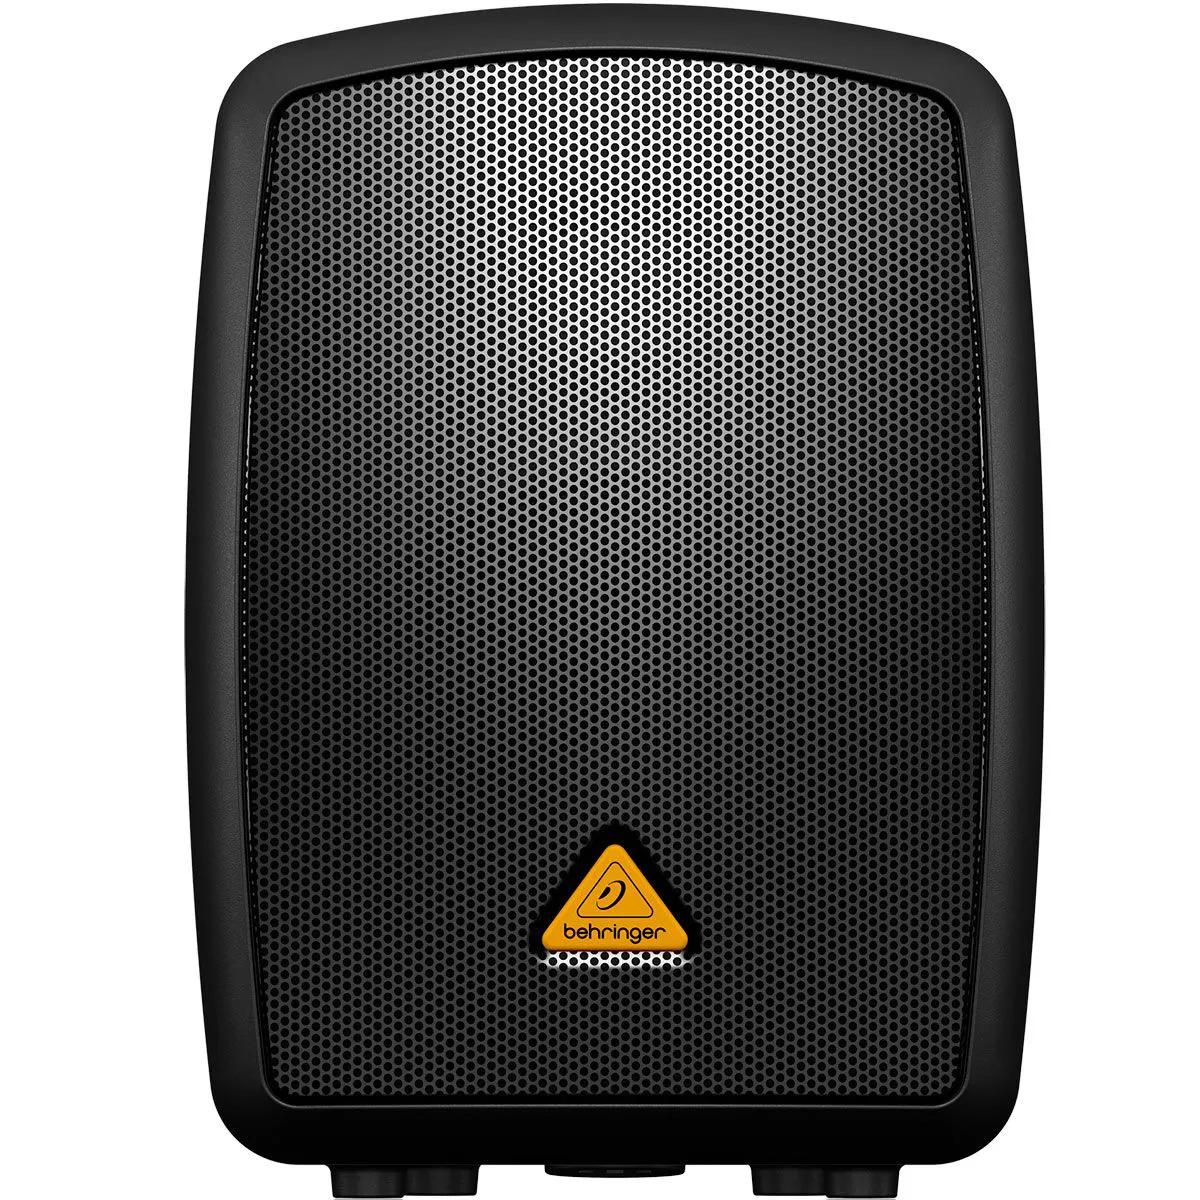 Caixa Acústica Behringer Europort MPA40BT 40W Portátil Ativa